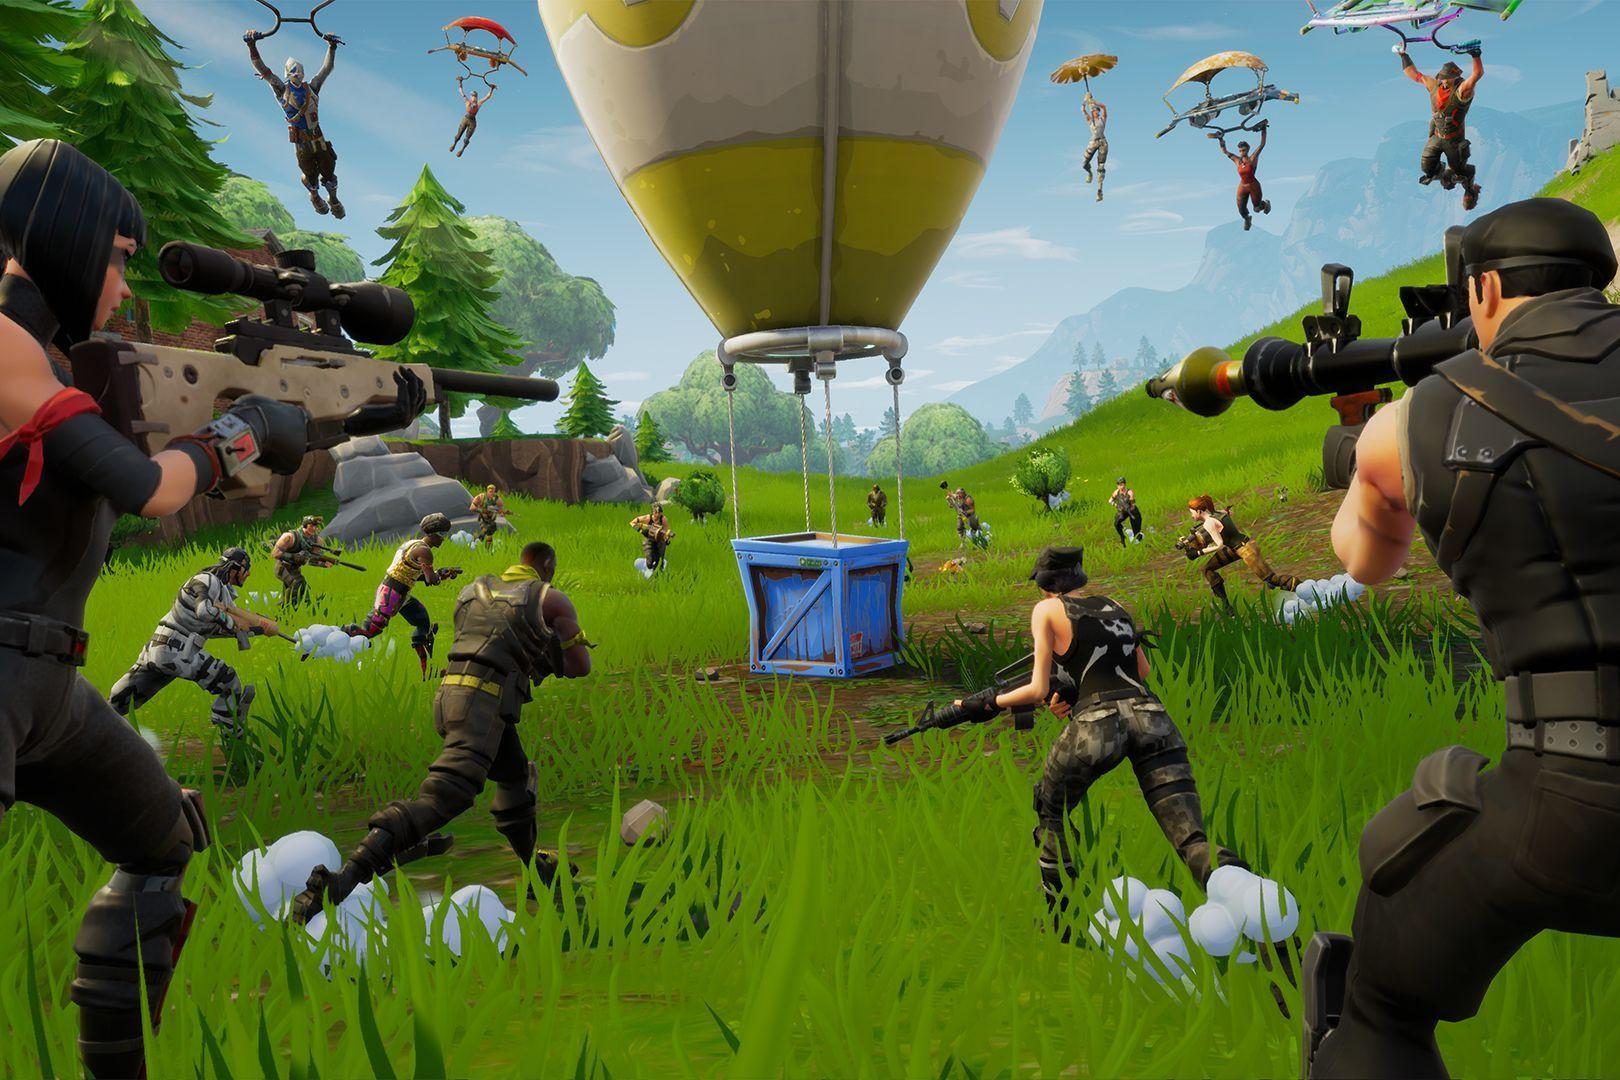 Príncipe Harry pretende banir o jogo Fortnite do Reino Unido